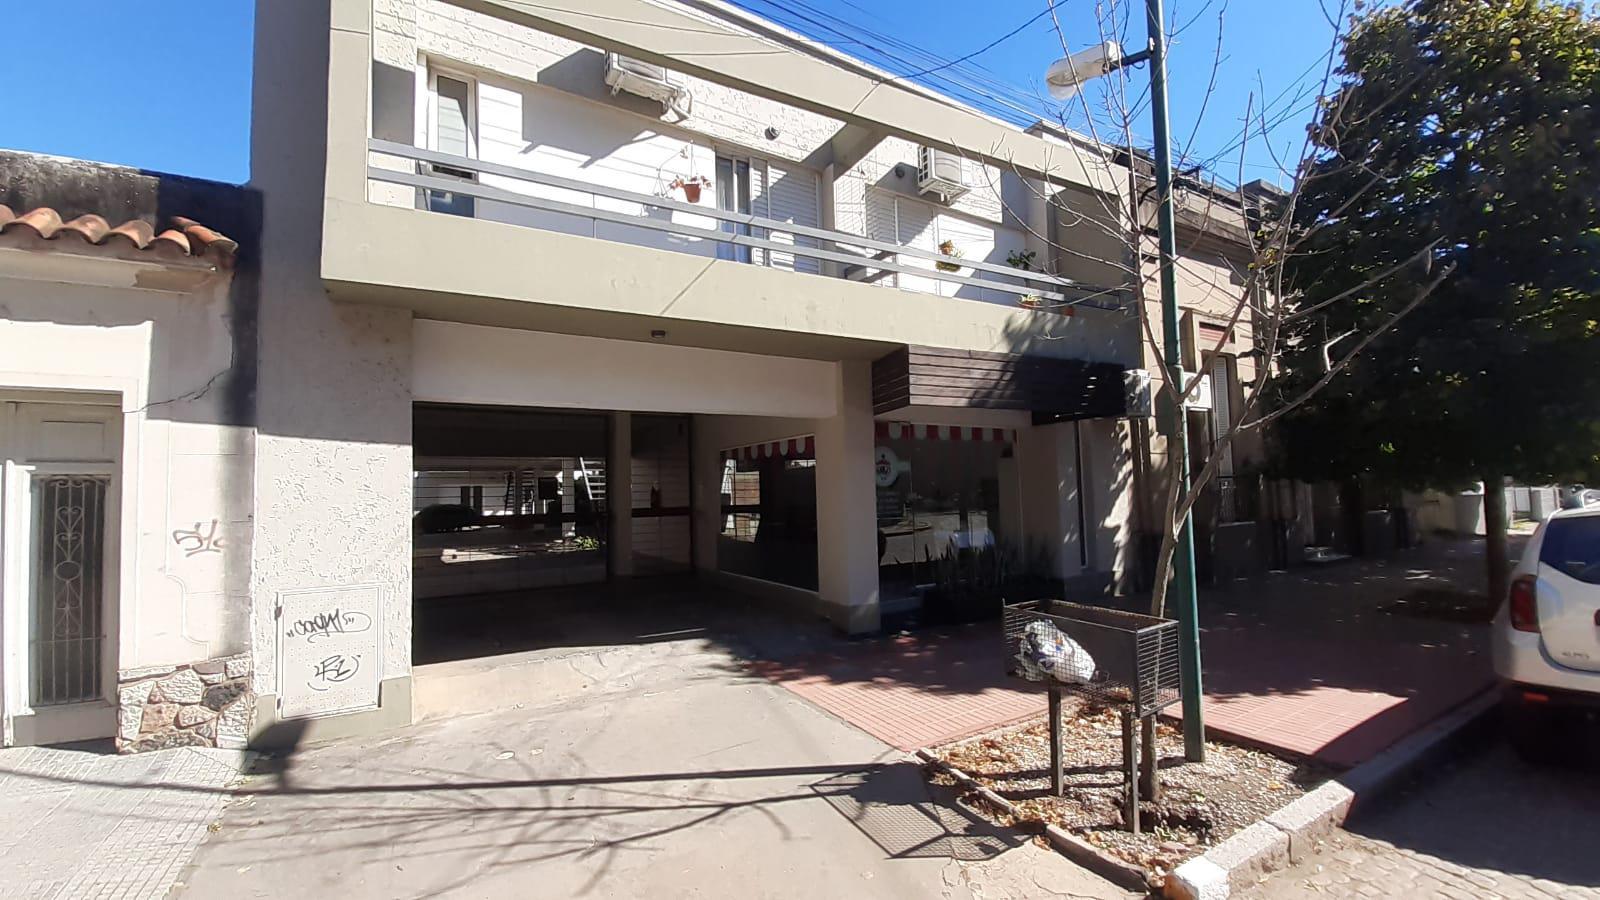 Tucumán 161 Depto. 6 y Cochera 1 - Gaggiotti Inmobiliaria cuenta con más de 50 años desde que se inicio en el negocio de los servicios inmobiliarios.